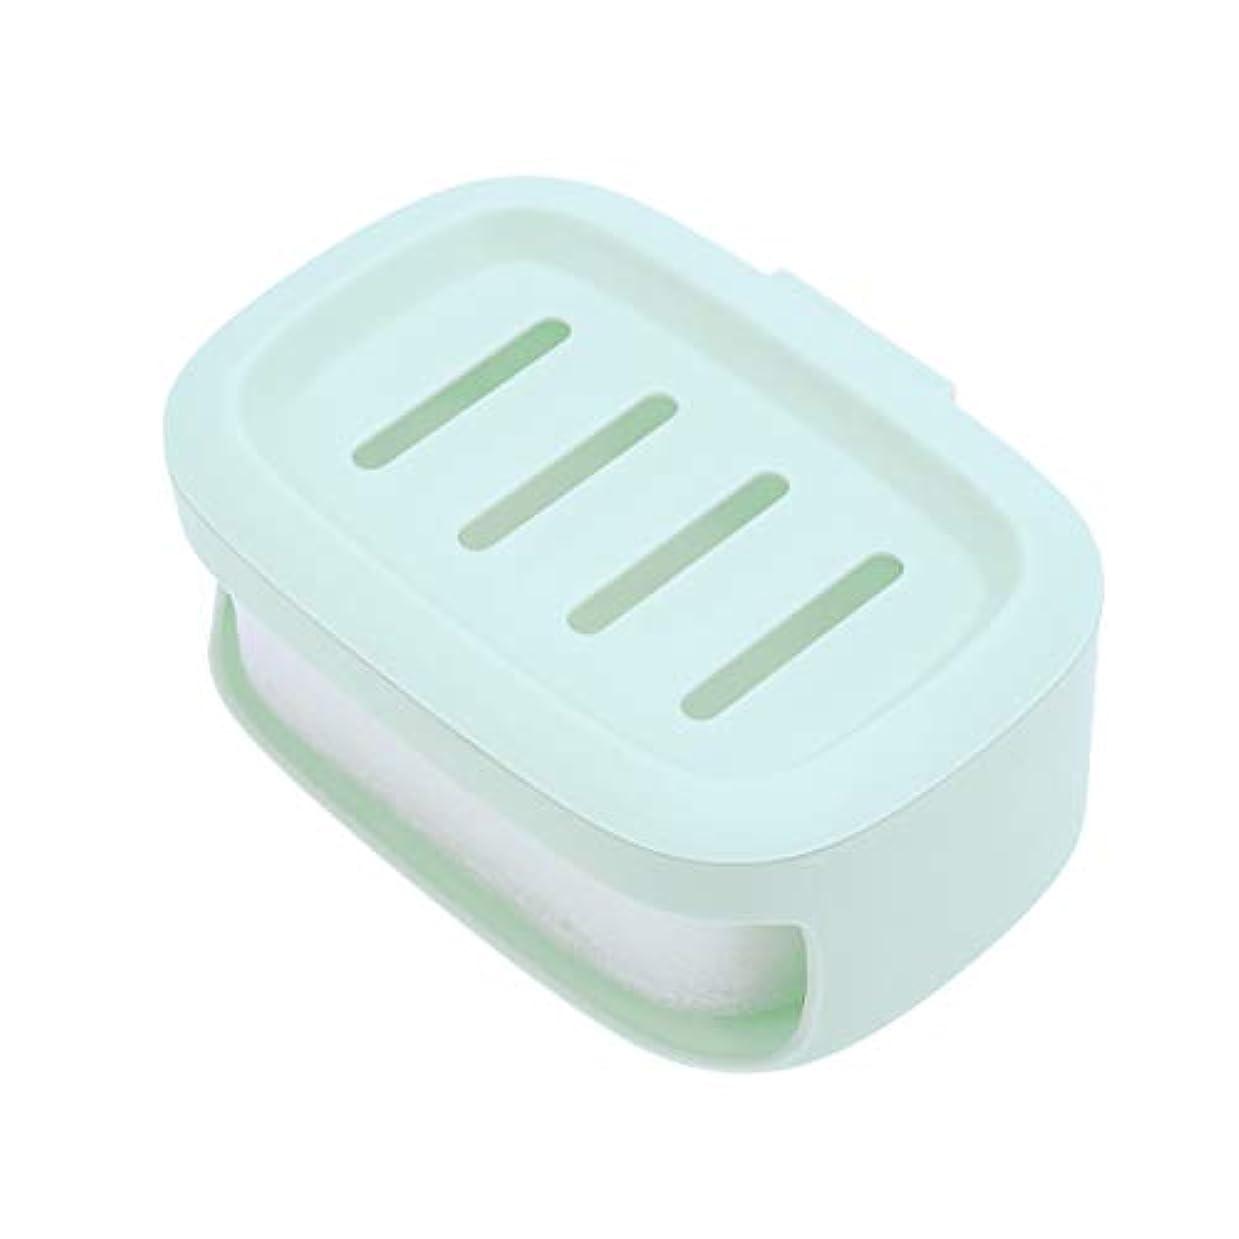 ガム秀でる精神HEALIFTY ソープボックス防水ソープコンテナバスルームソープ収納ケースソープホルダー(グリーン)